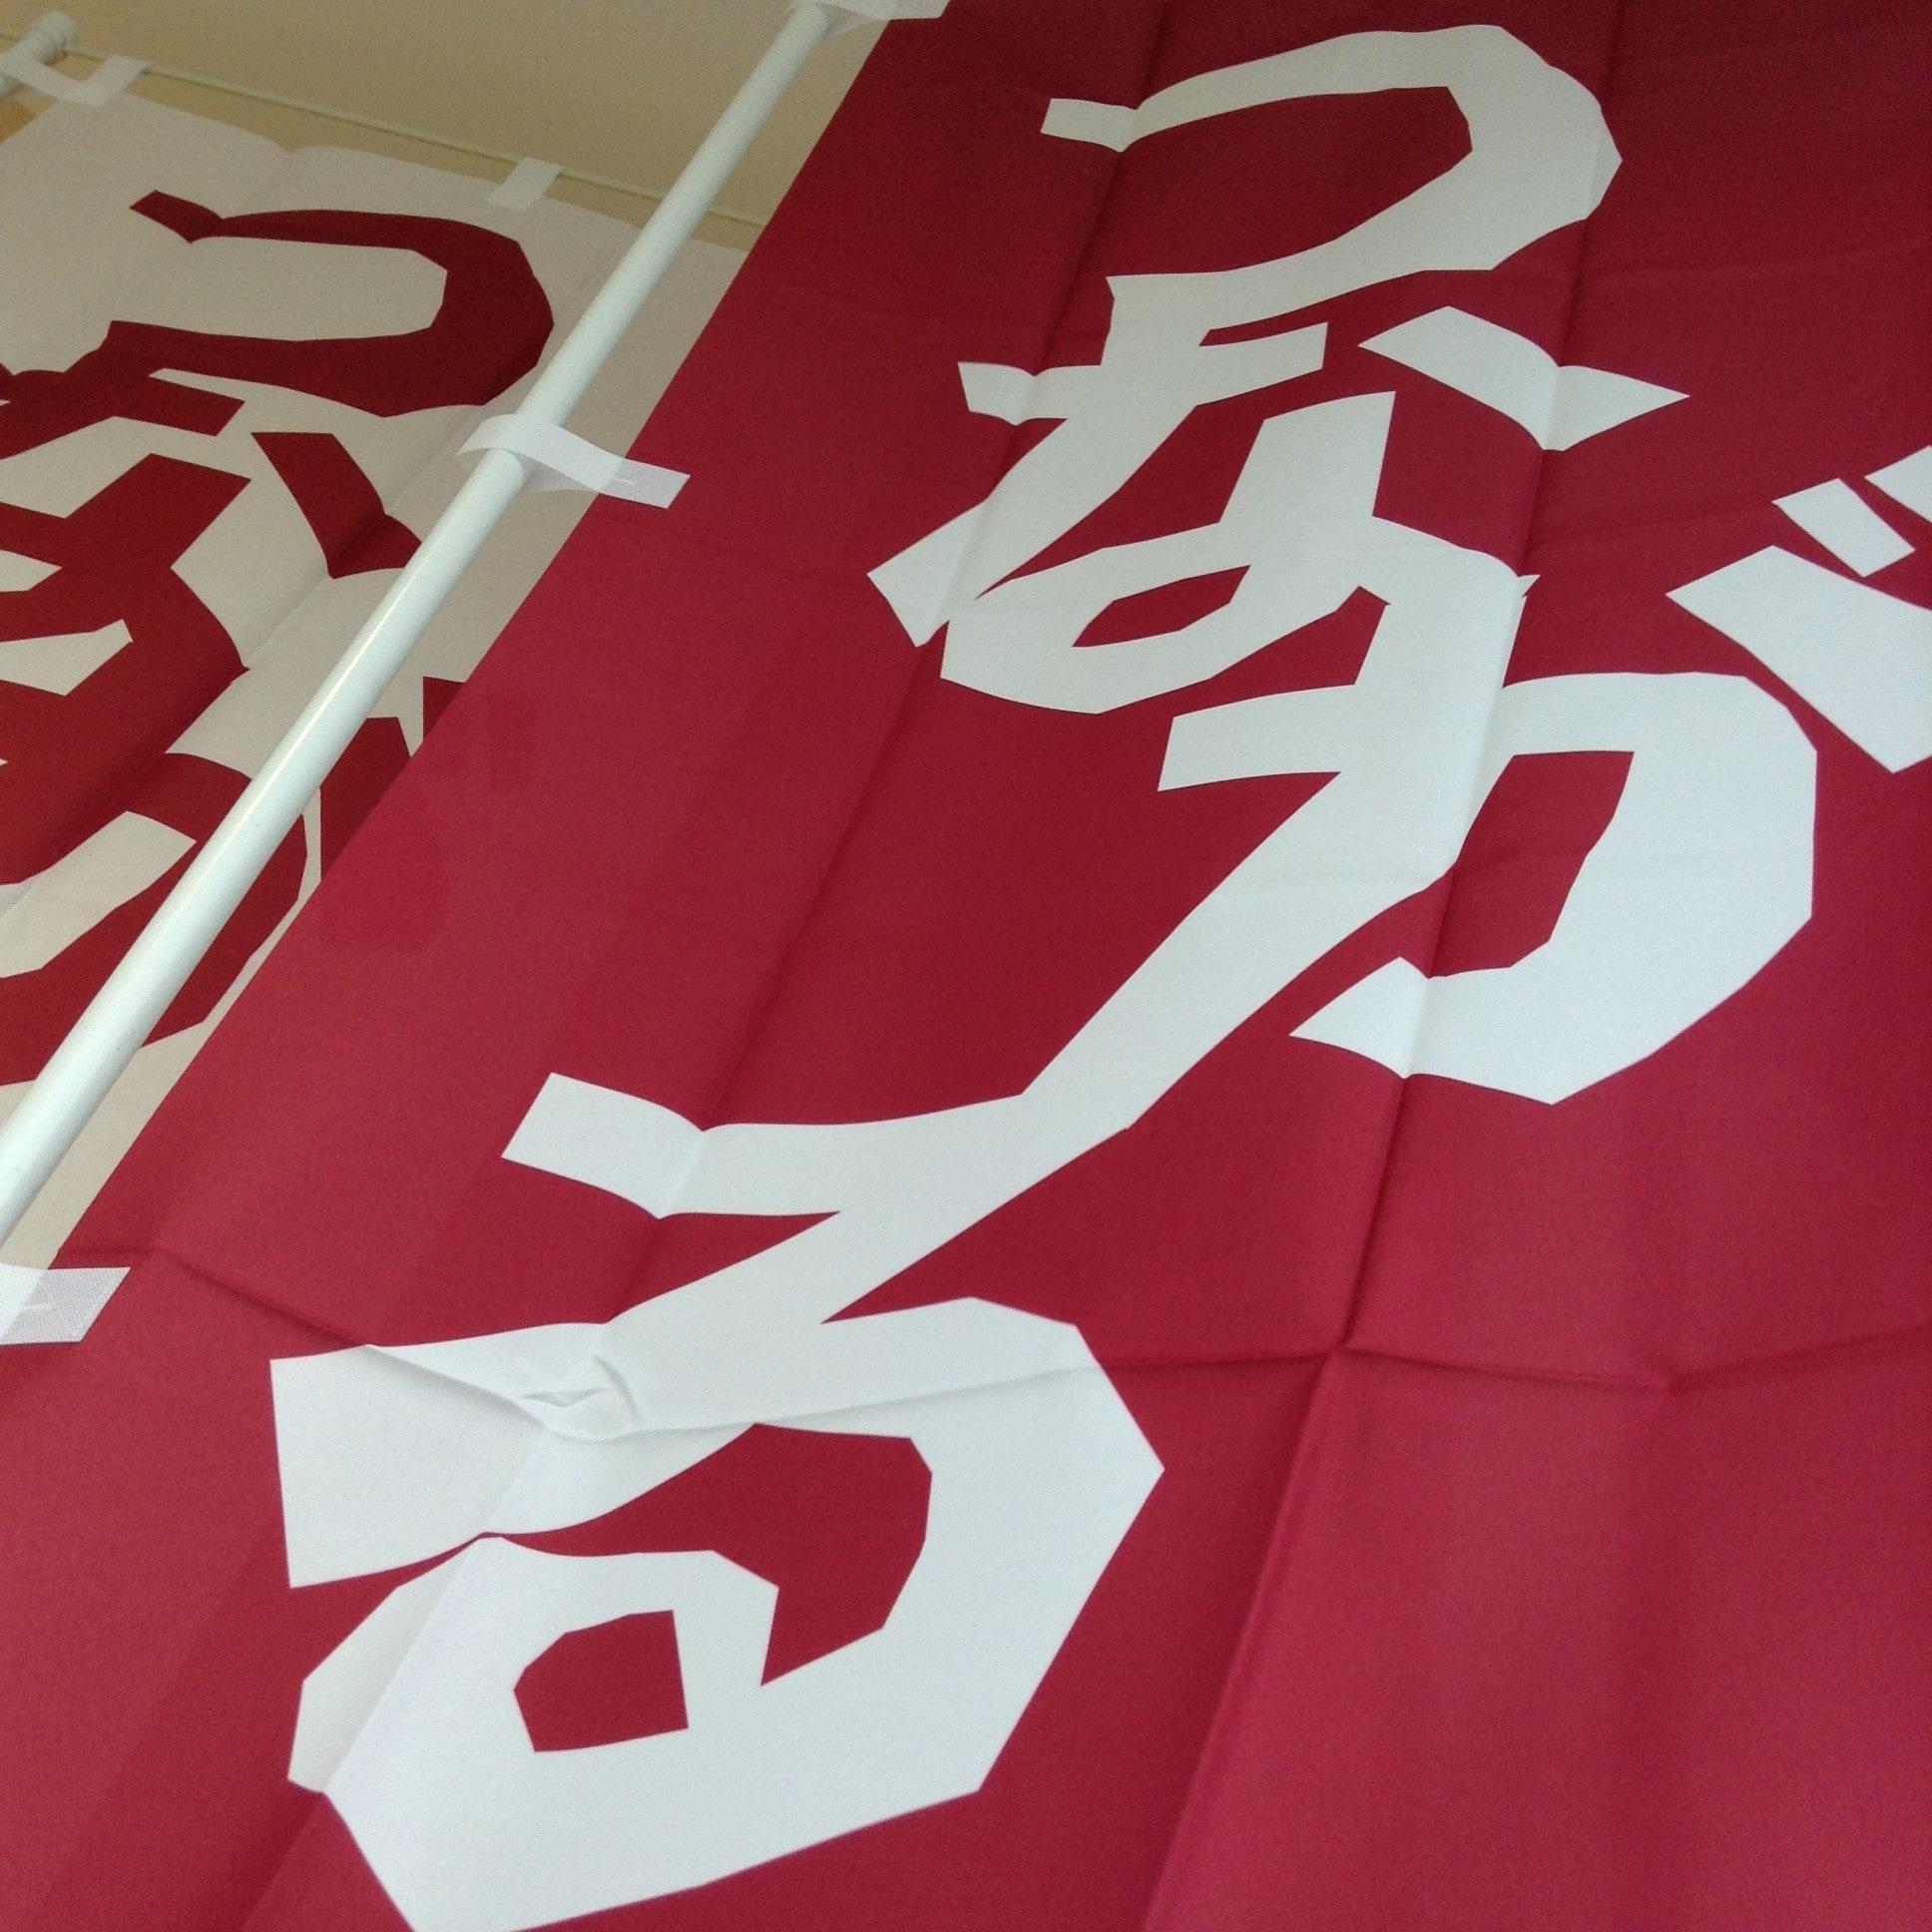 第2回札幌パルコつながる市開催